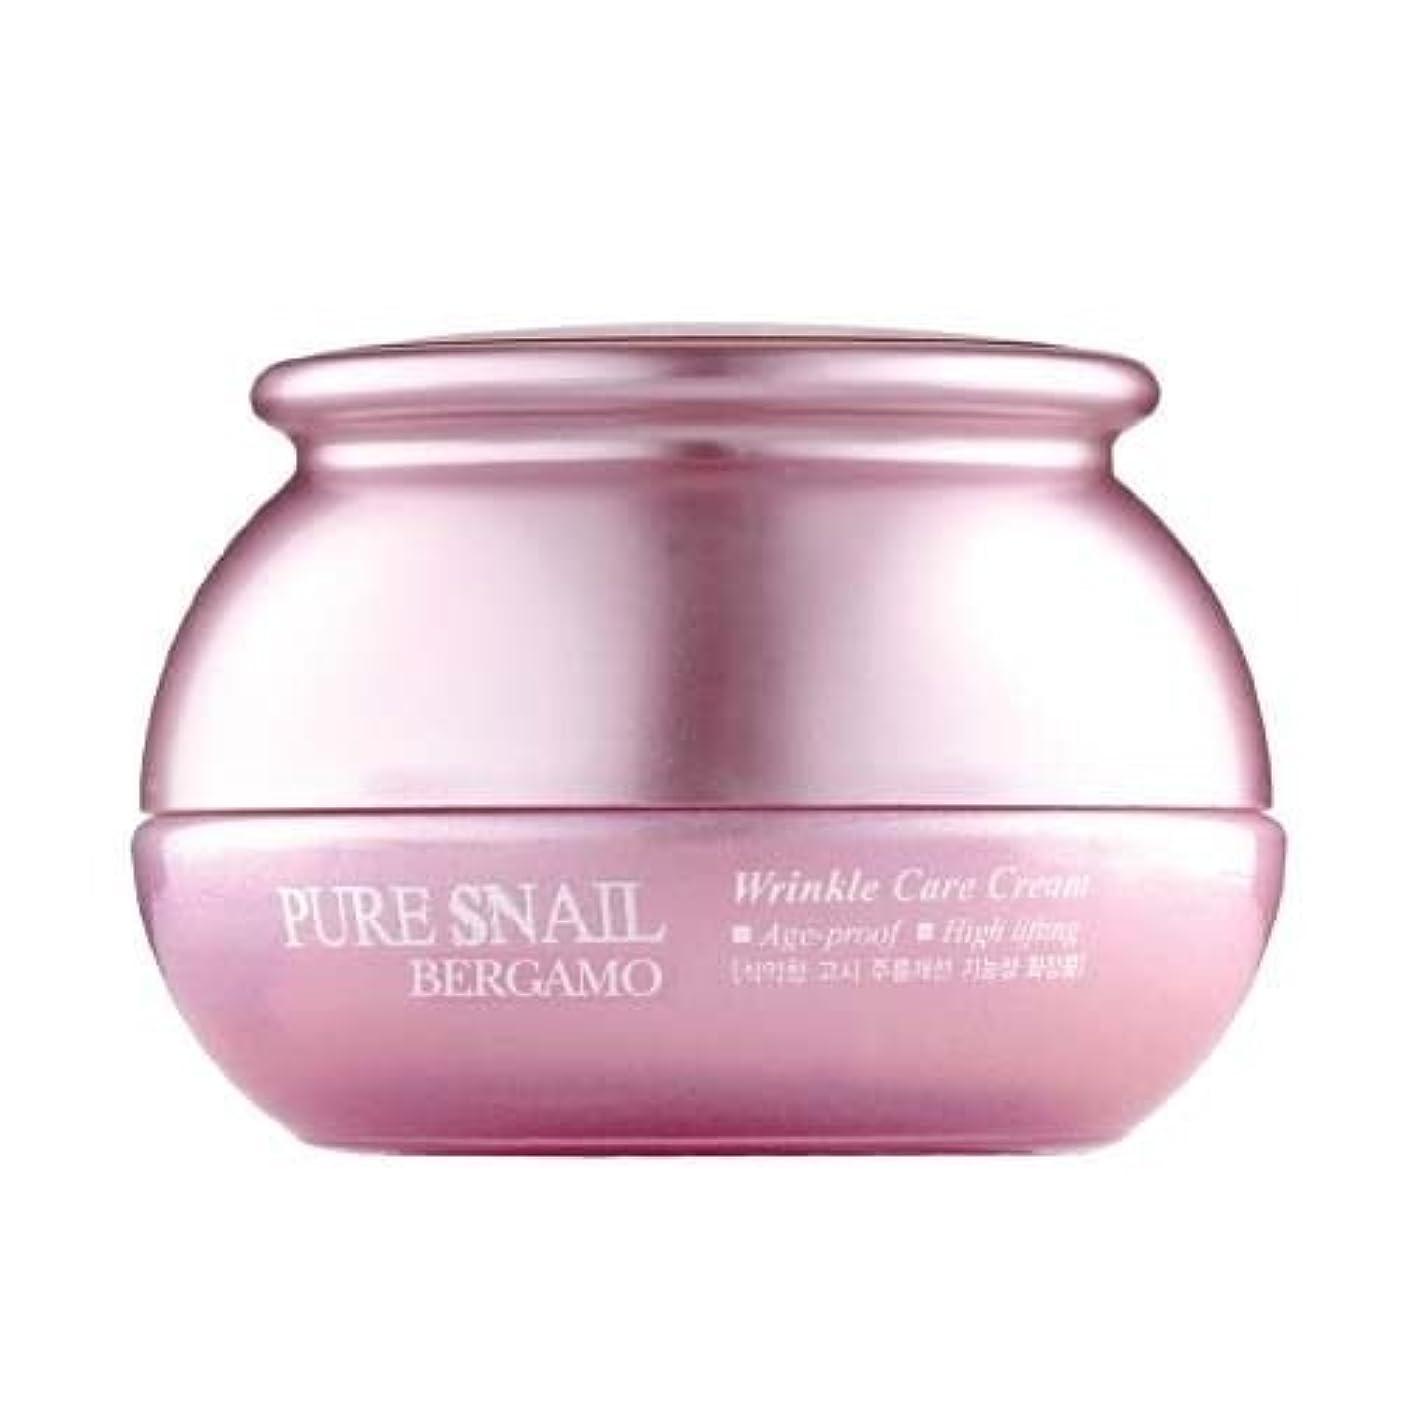 犯す摩擦骨折ベルガモ[韓国コスメBergamo]Pure Snail Wrinkle Care Cream カタツムリリンクルケアクリーム50ml しわ管理 [並行輸入品]